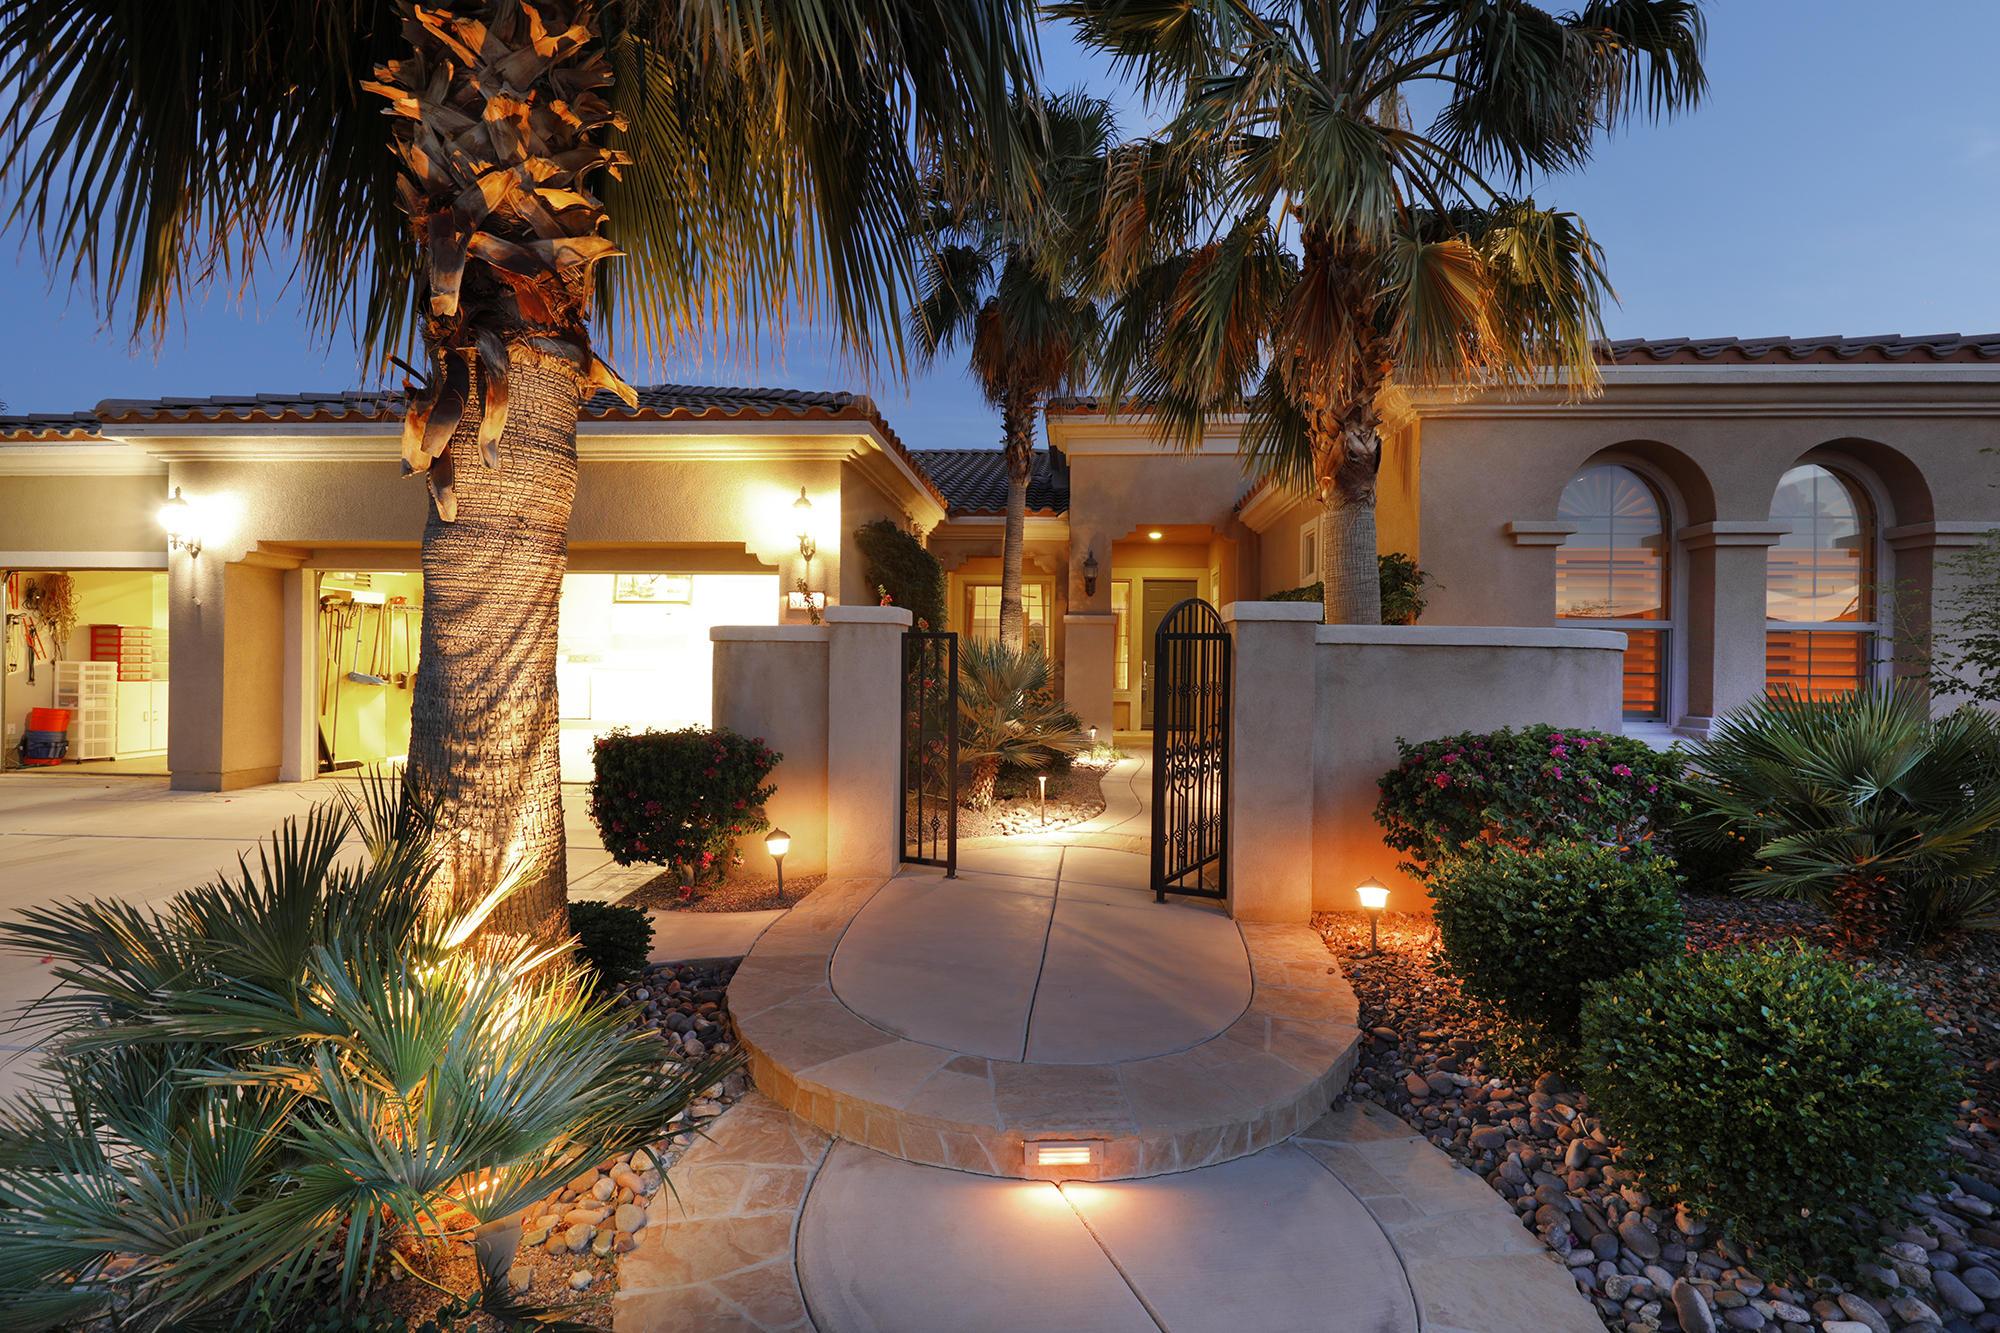 Photo of 81515 Camino Vallecita, Indio, CA 92203